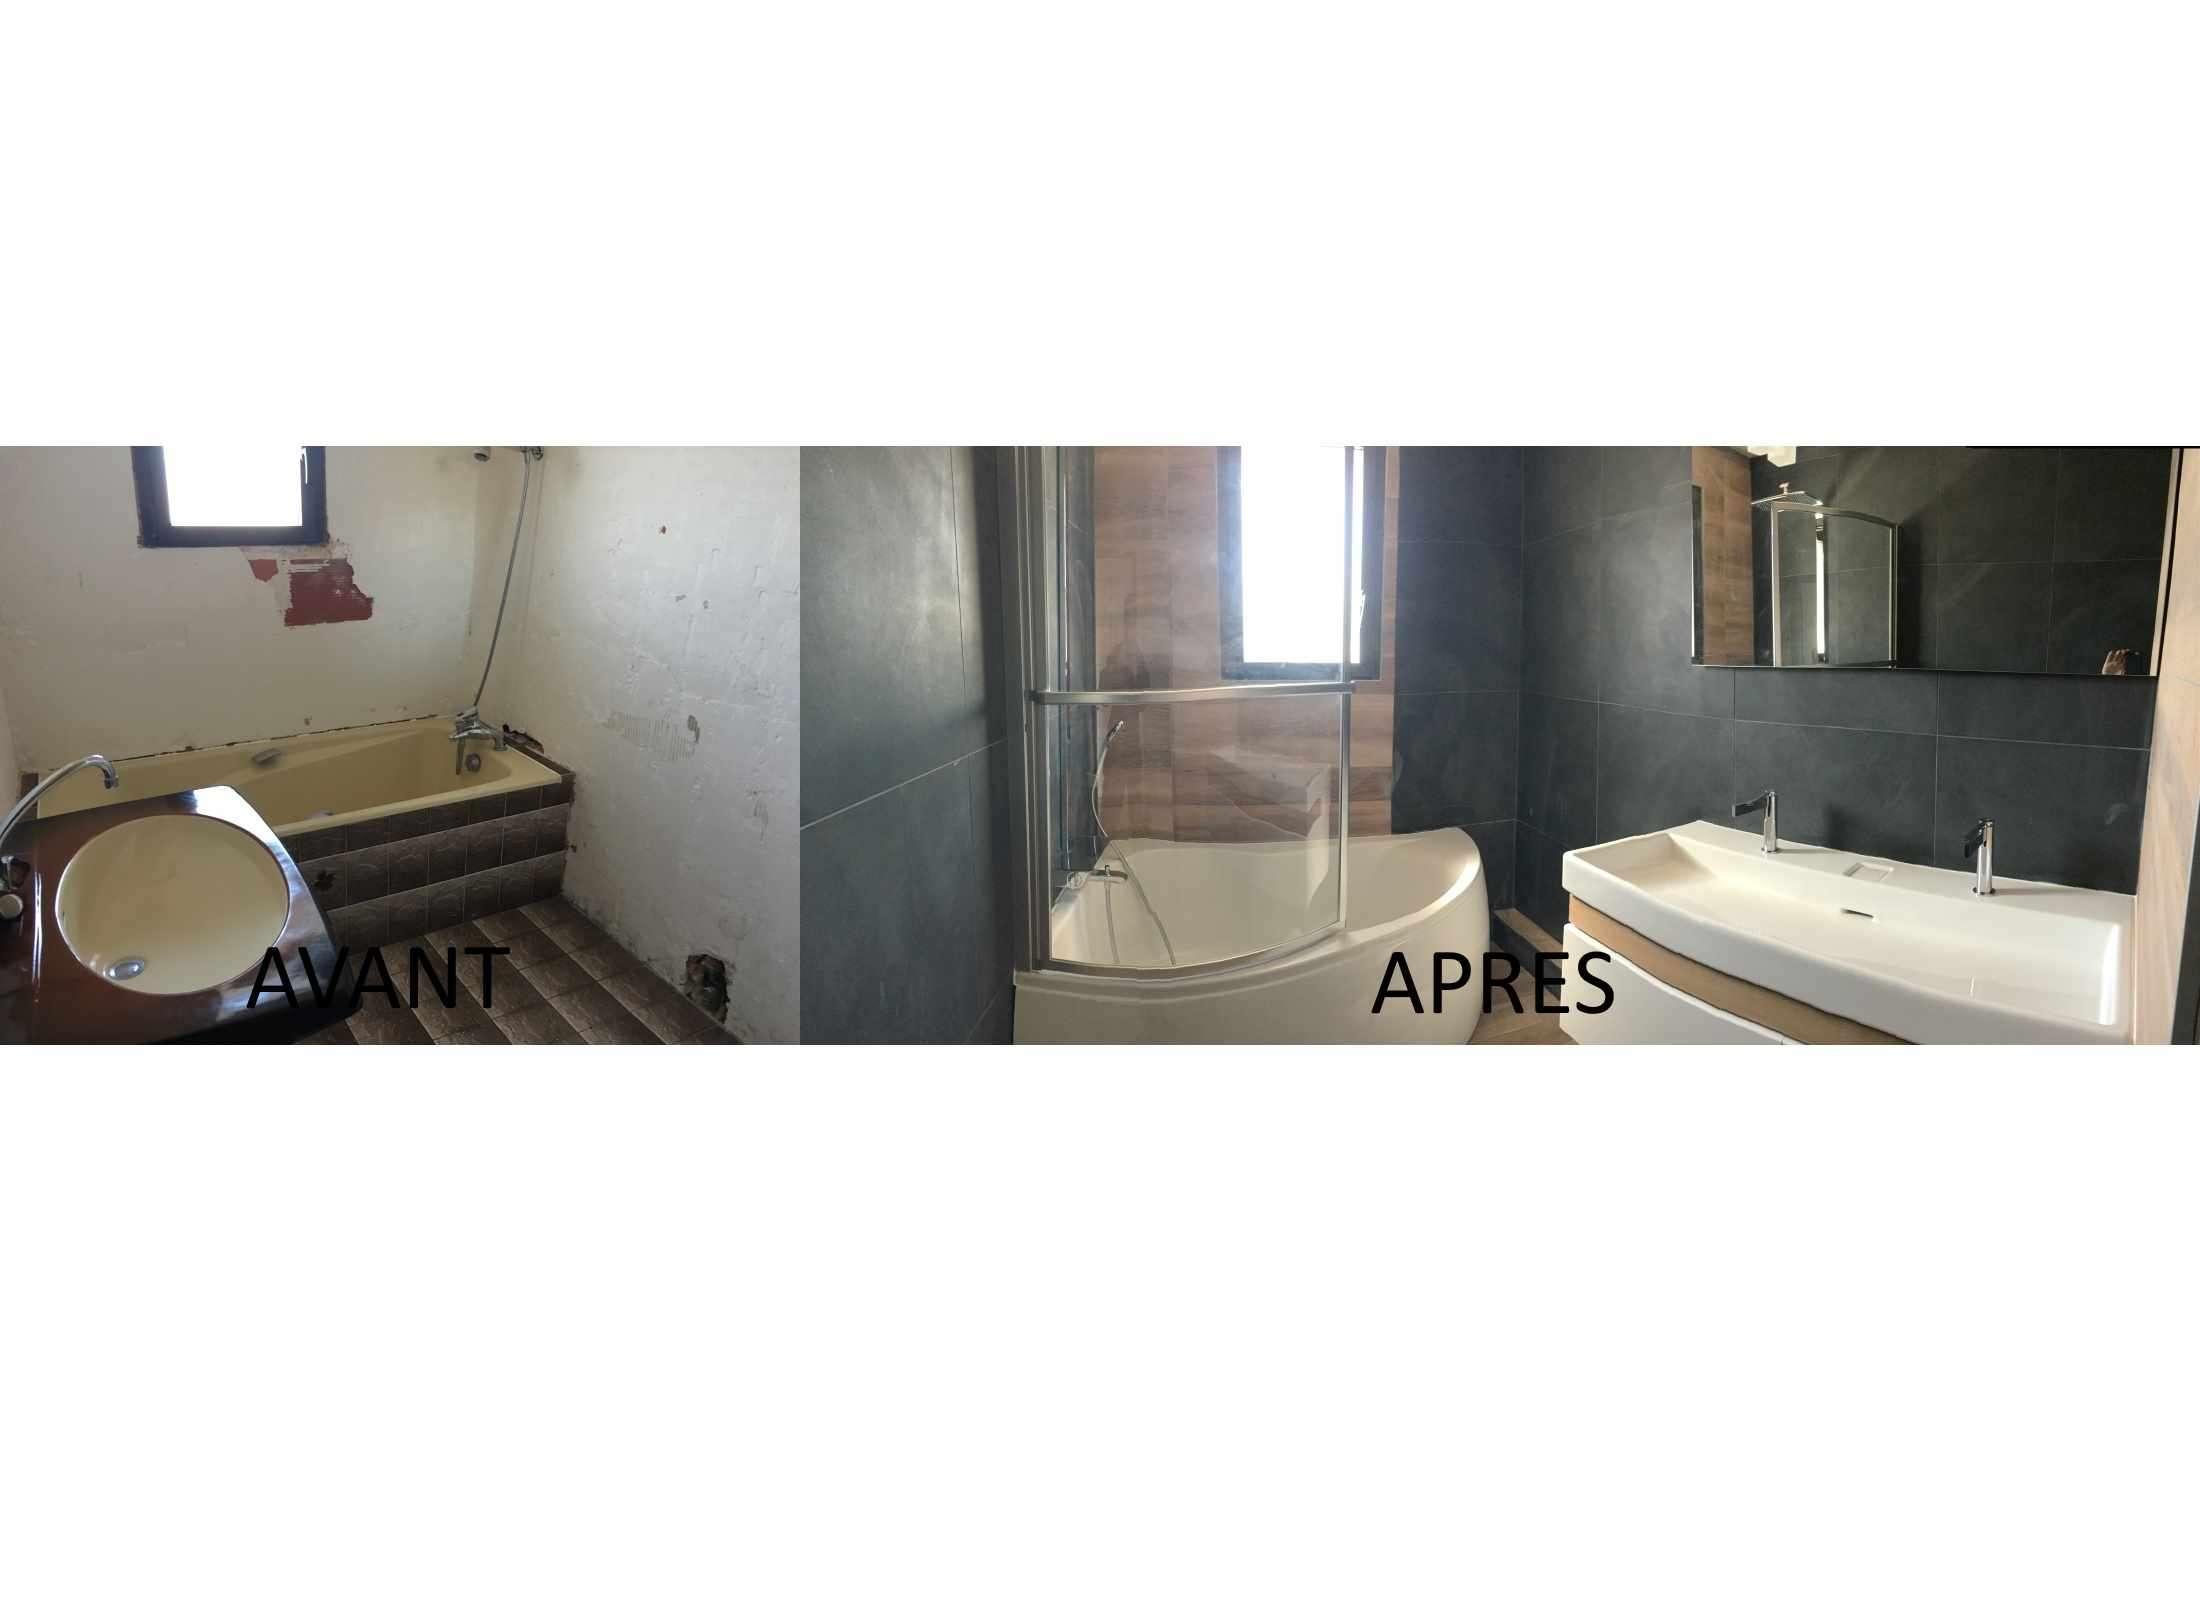 Salle de bain, 44140 LA PLANCHE, 06.68.93.66.00, Rénovation salle de bains, plombier BPC